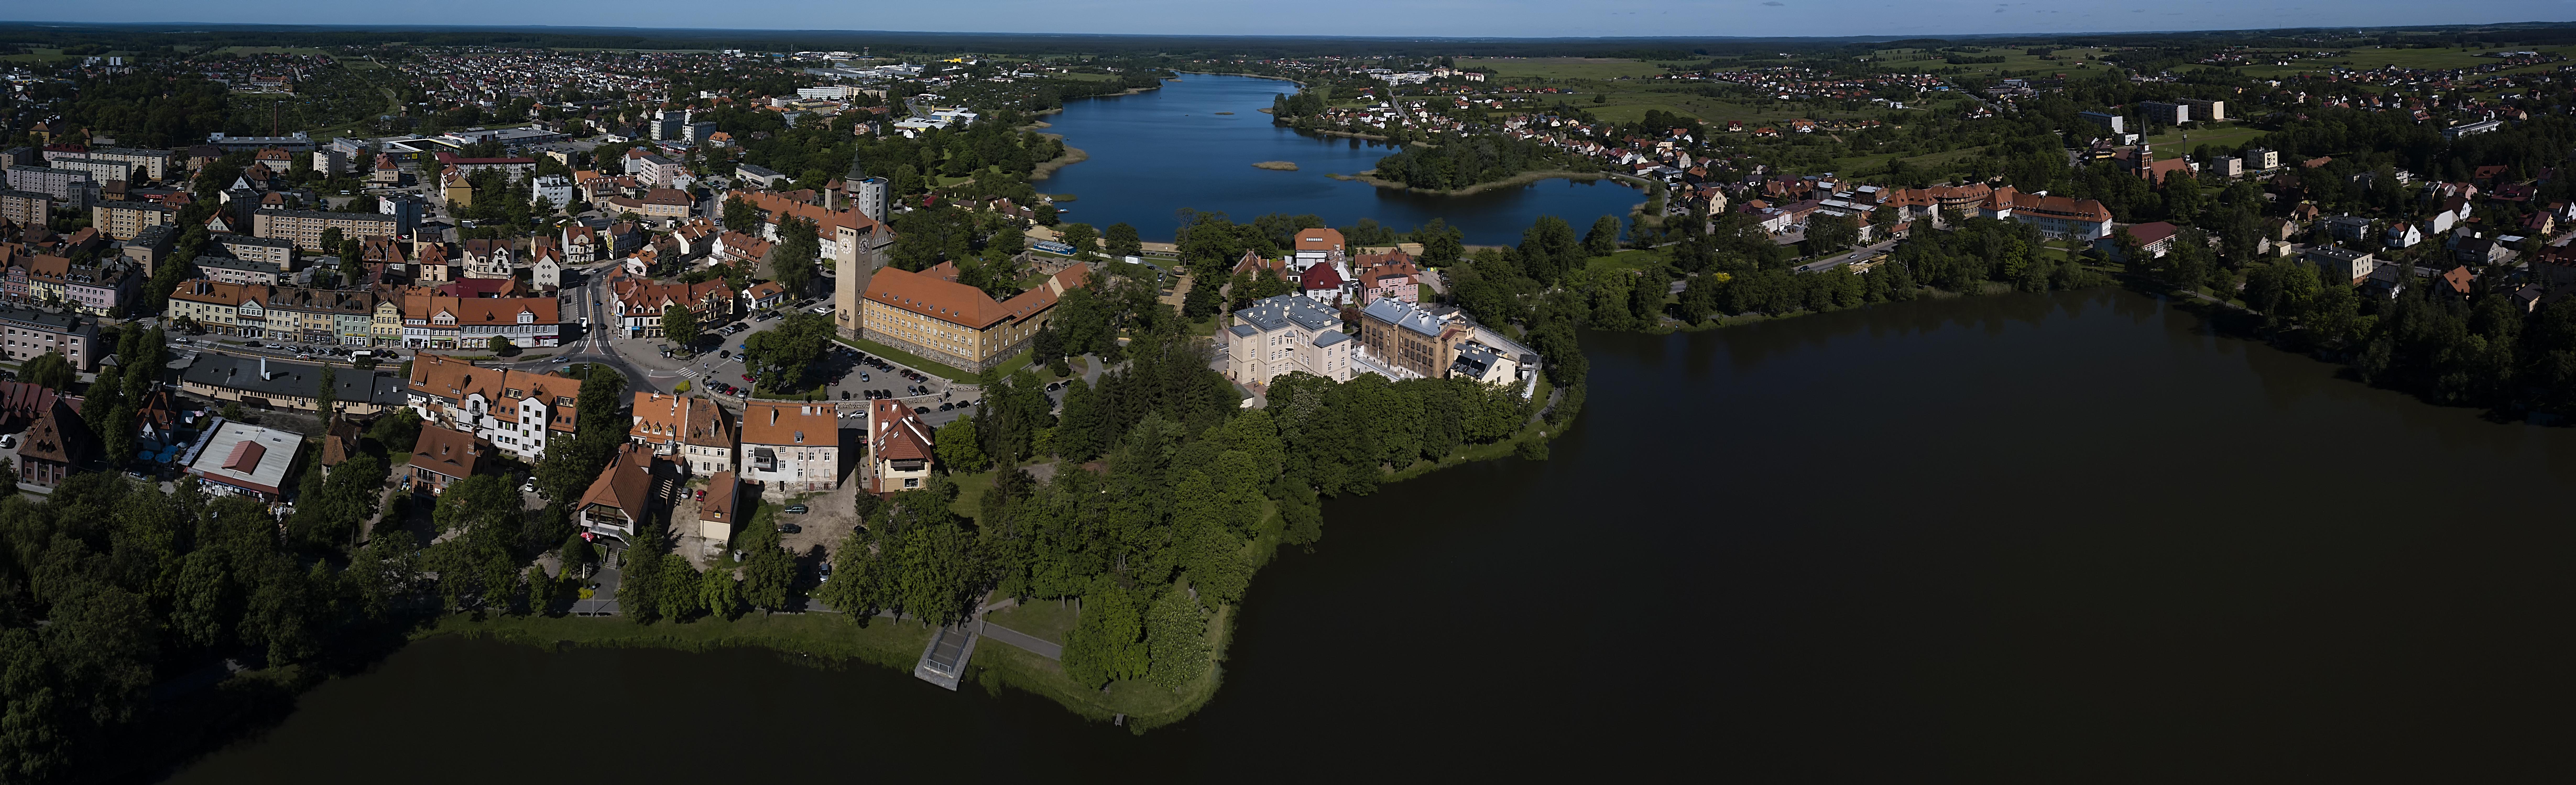 https://m.powiatszczycienski.pl/2019/11/orig/beznazwy-panorama6-25710.jpg